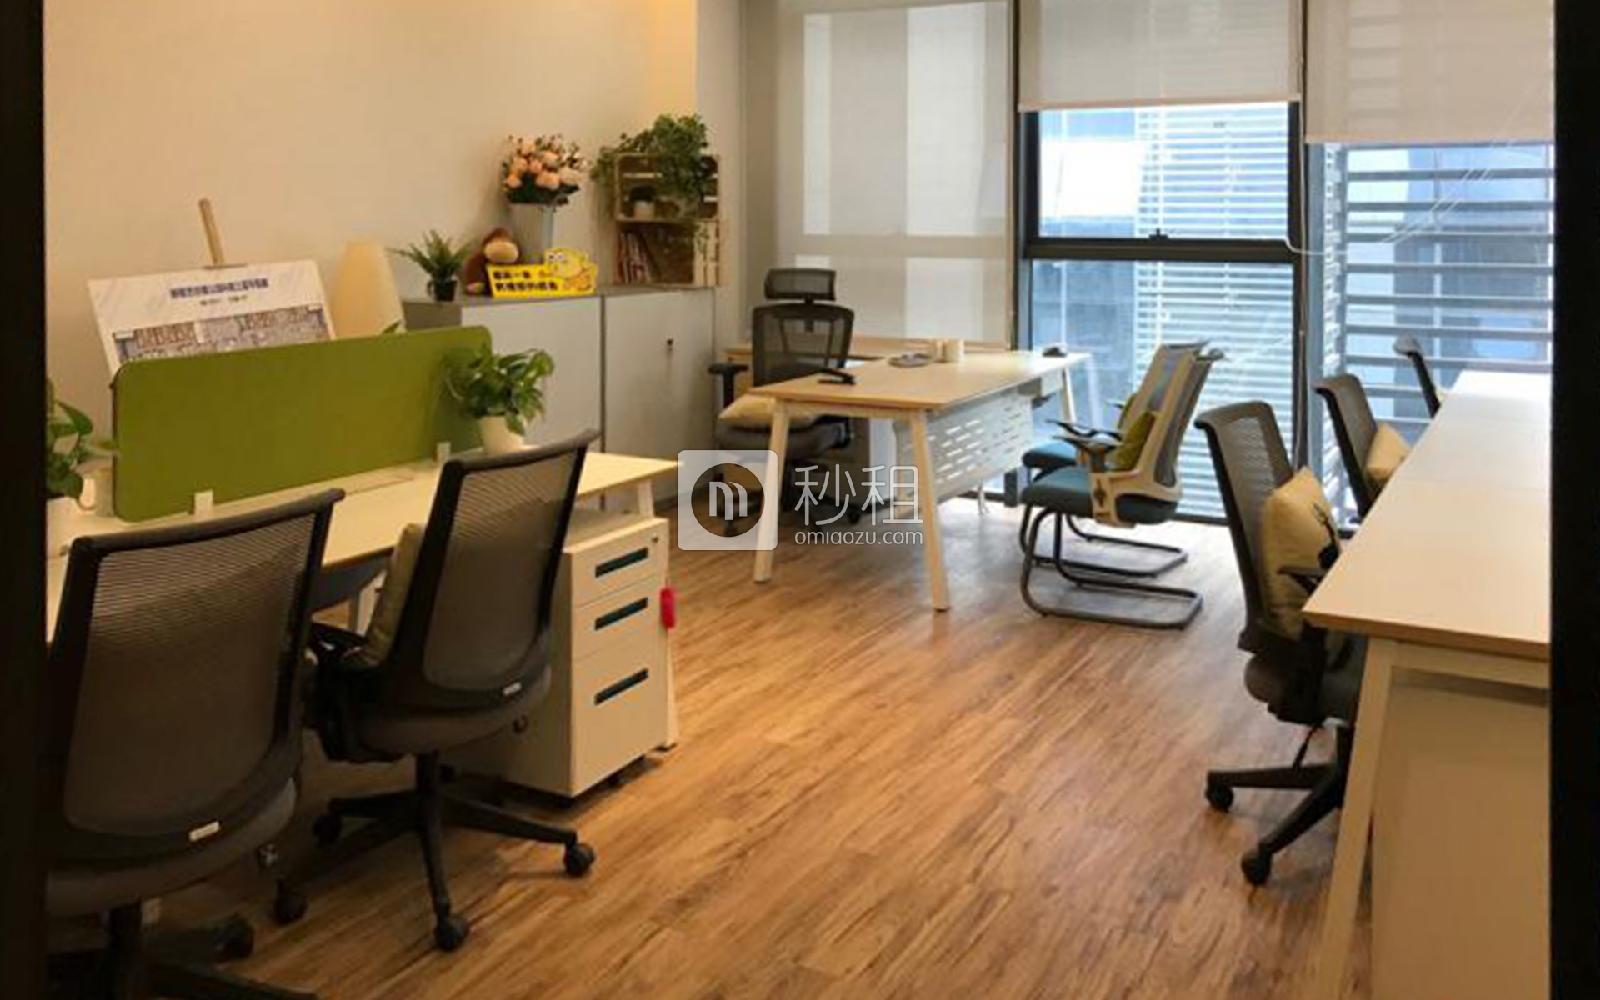 U&P联合工社-新视艺创客公园写字楼出租40平米精装办公室16000元/间.月